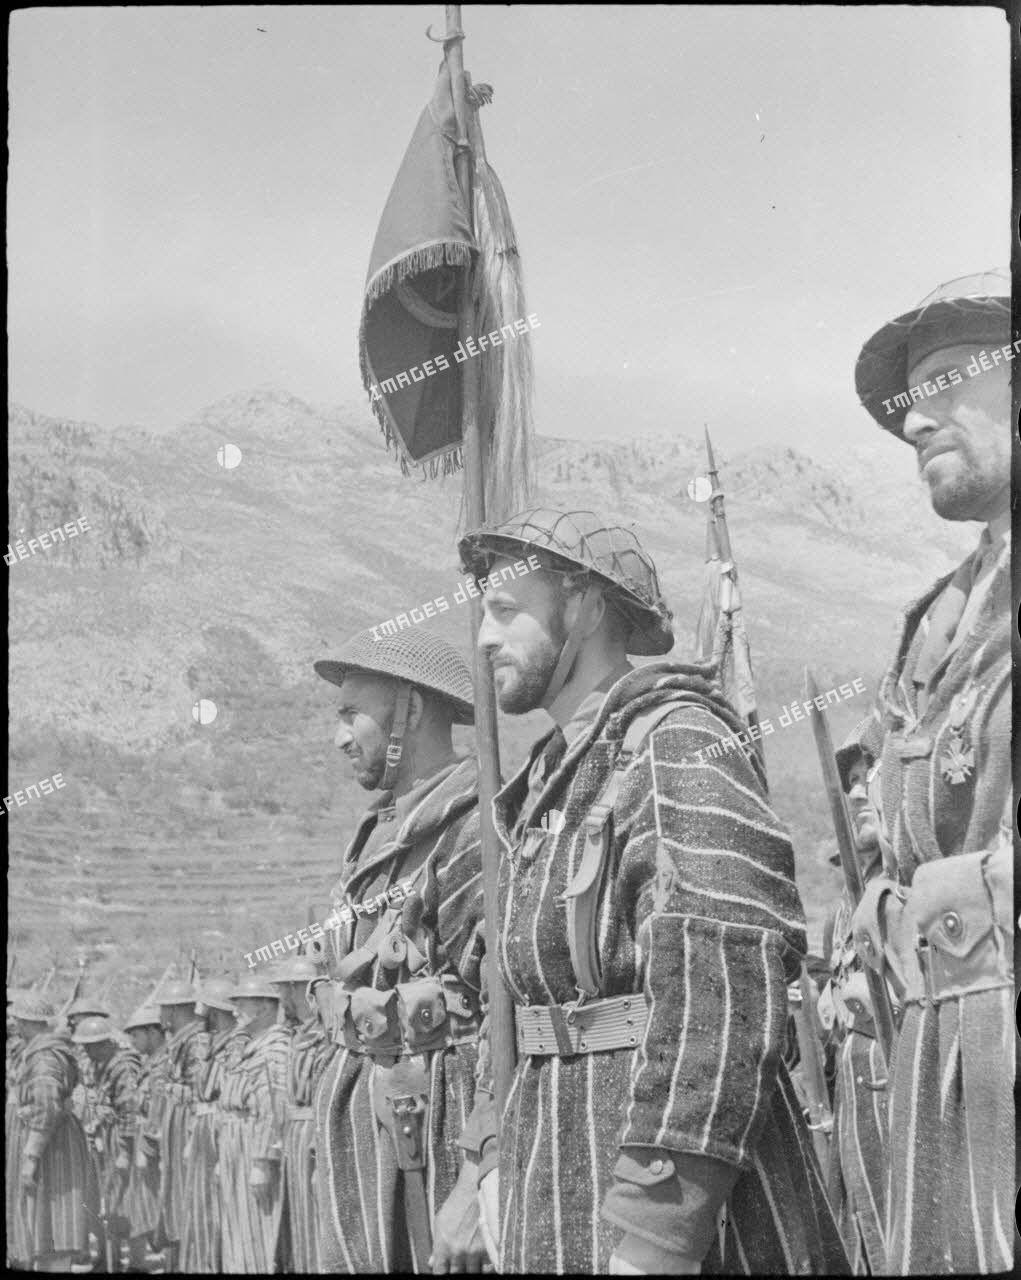 La garde au fanion d'un tabor marocain écoute l'appel des morts lors d'une cérémonie d'hommage aux soldats du Corps expéditionnaire français en Italie (CEFI) tombés pendant la campagne.